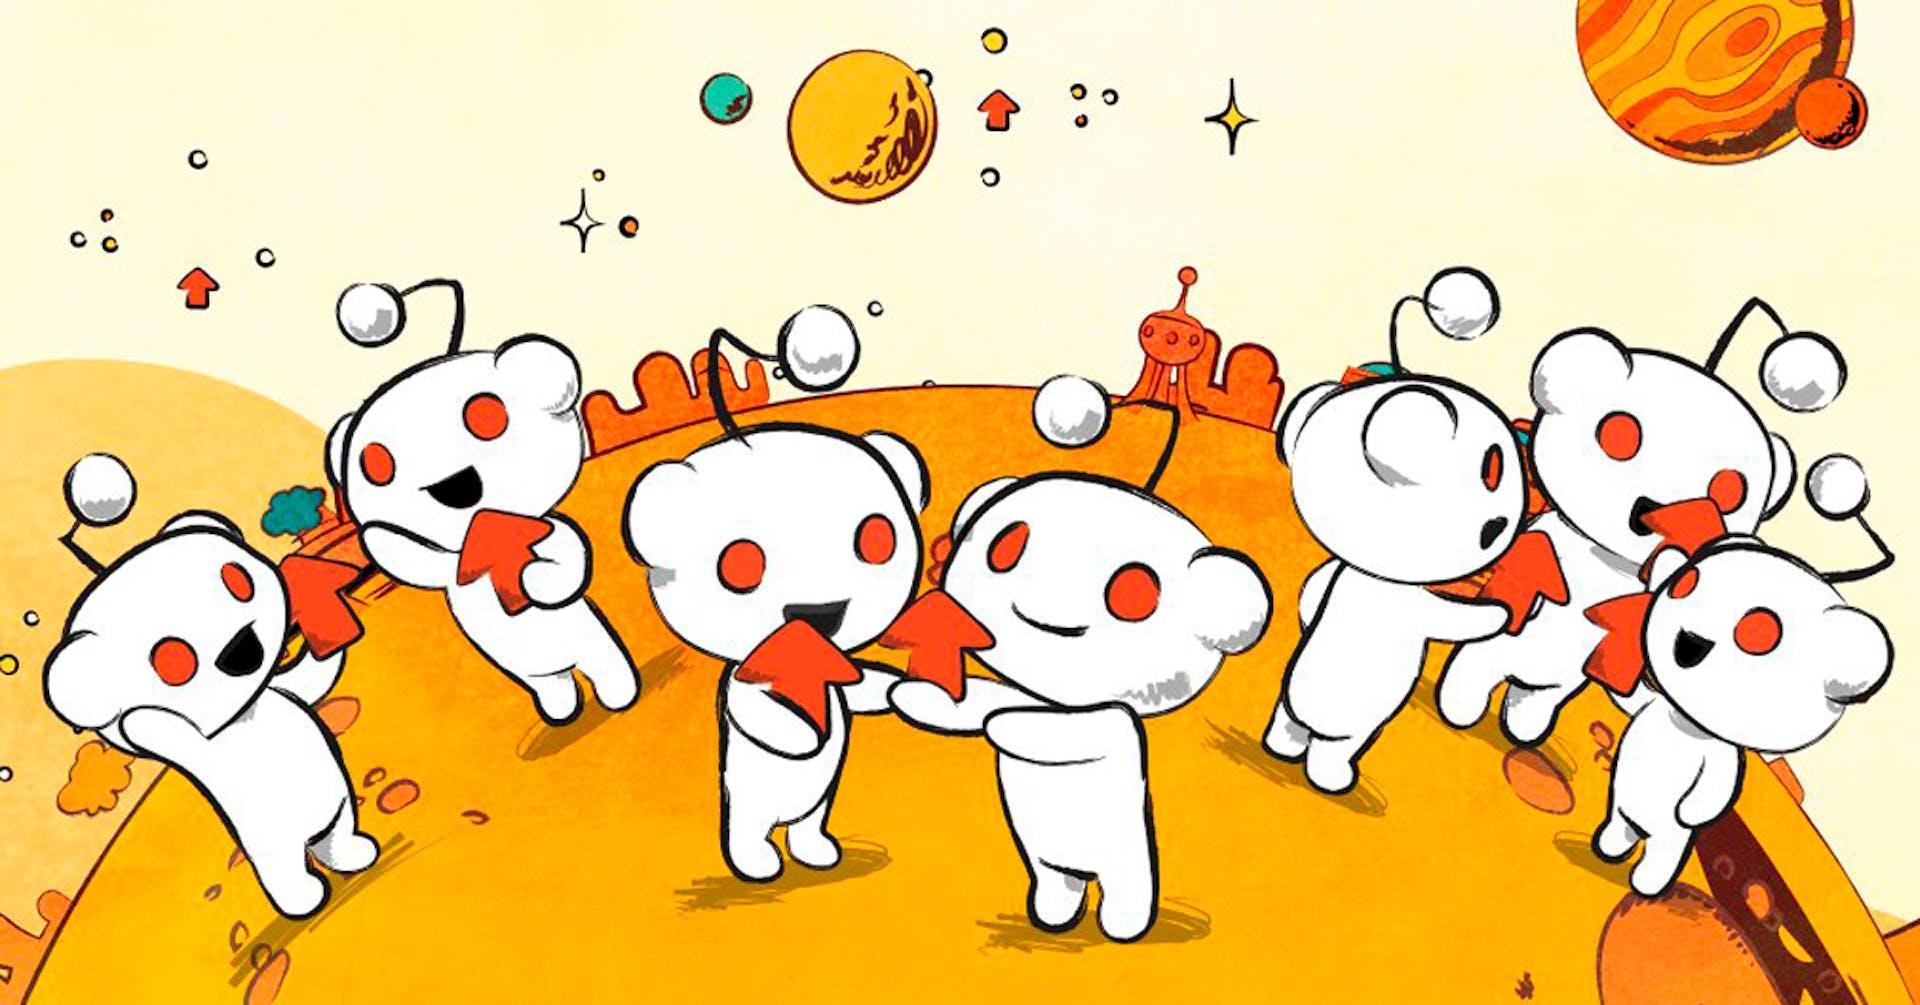 Conoce qué es Reddit, la red social que sacudió Wall Street